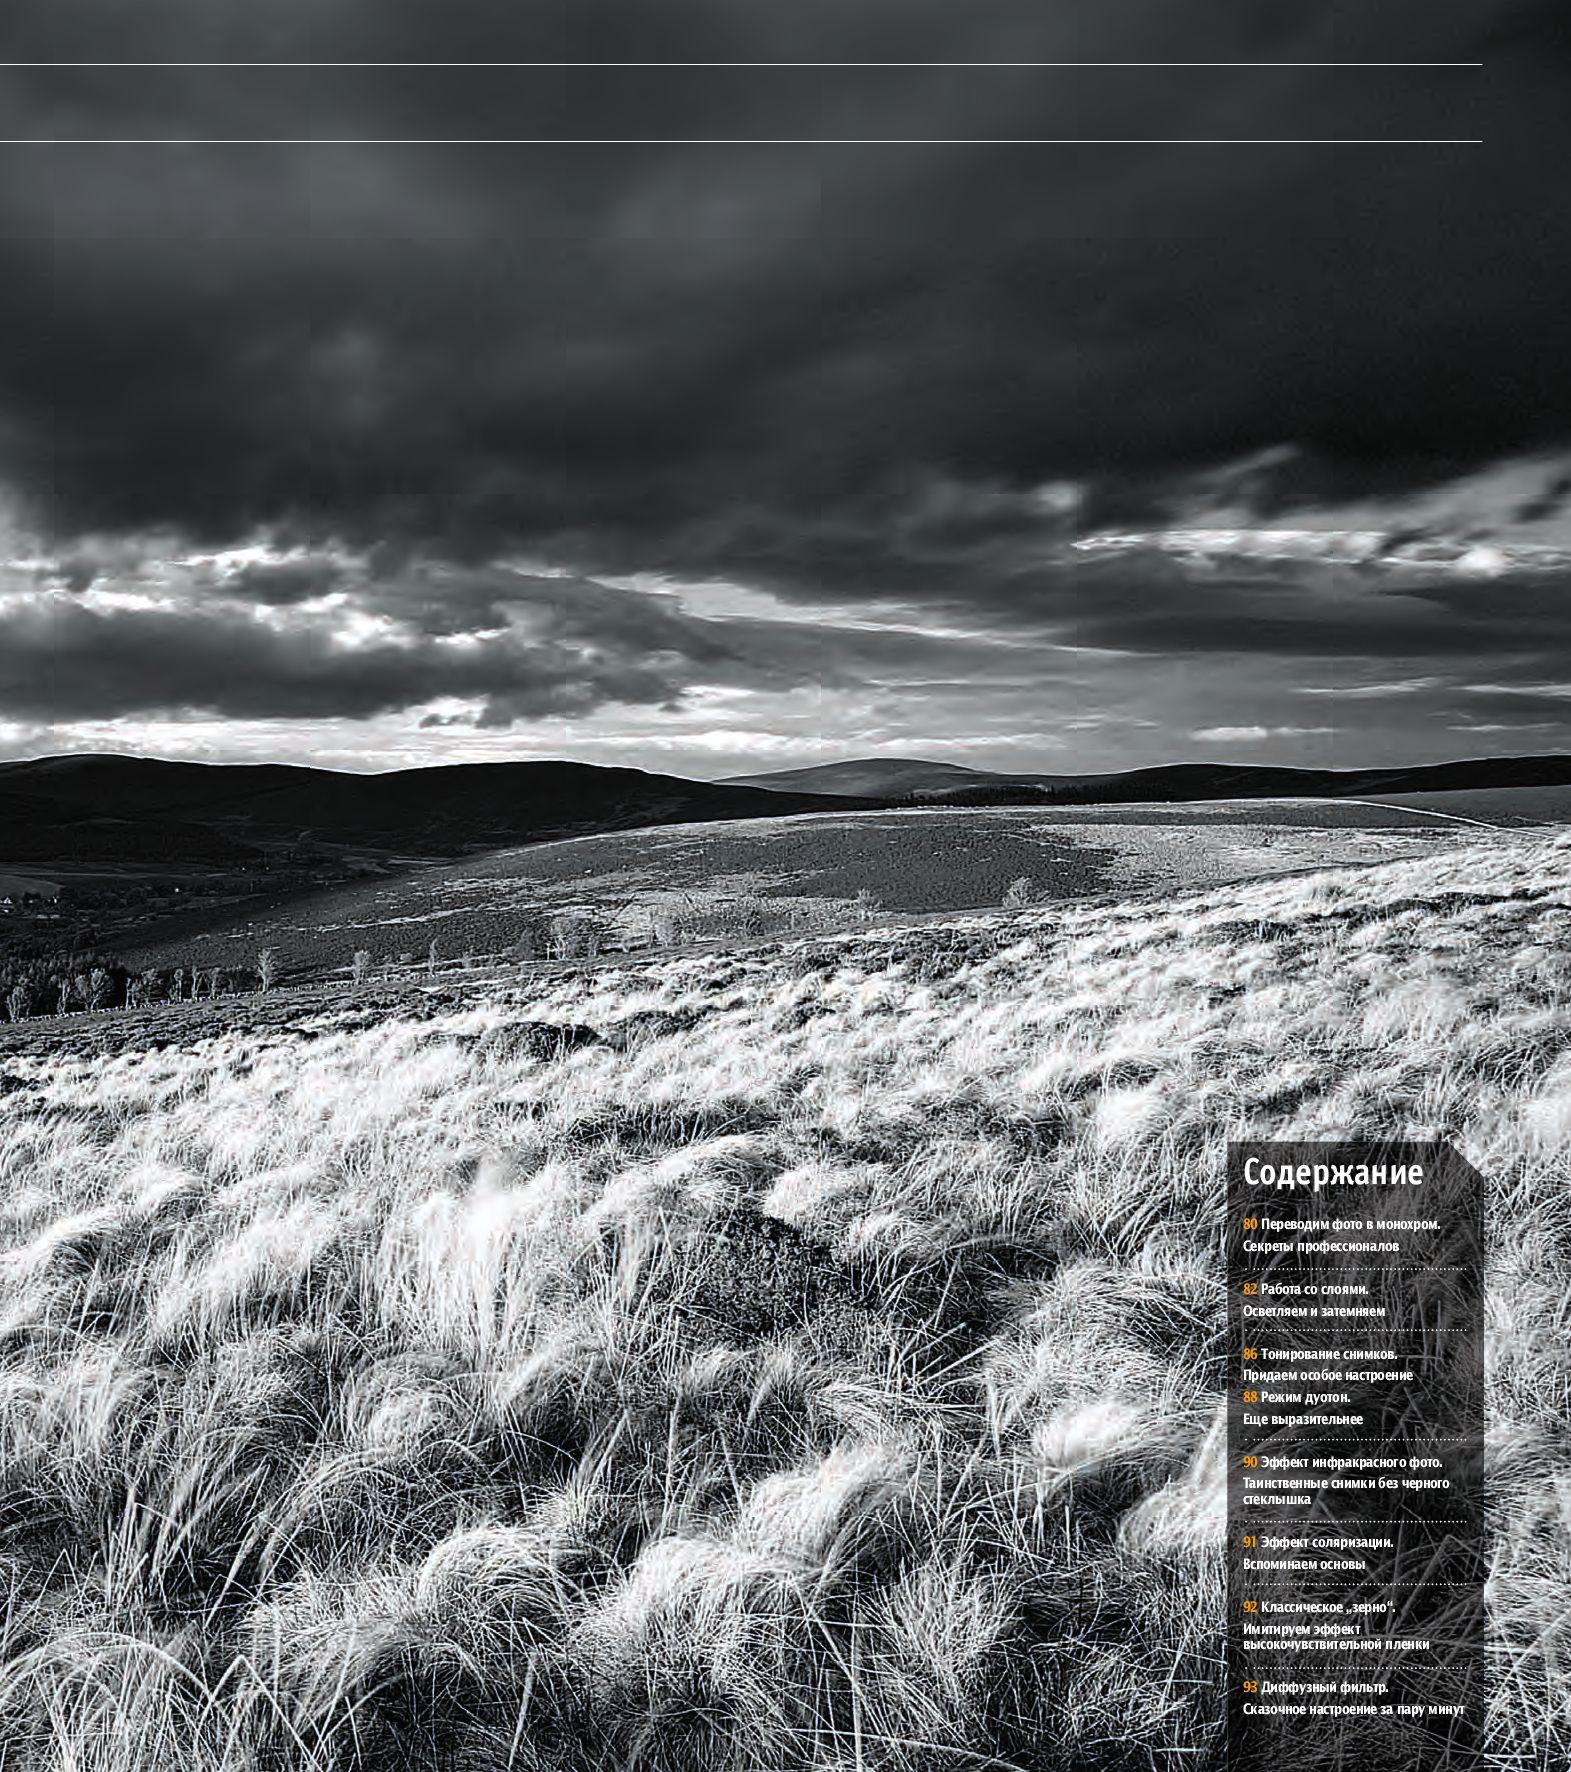 осветление и затемнение фото пейзажа пристрелке станка жестко